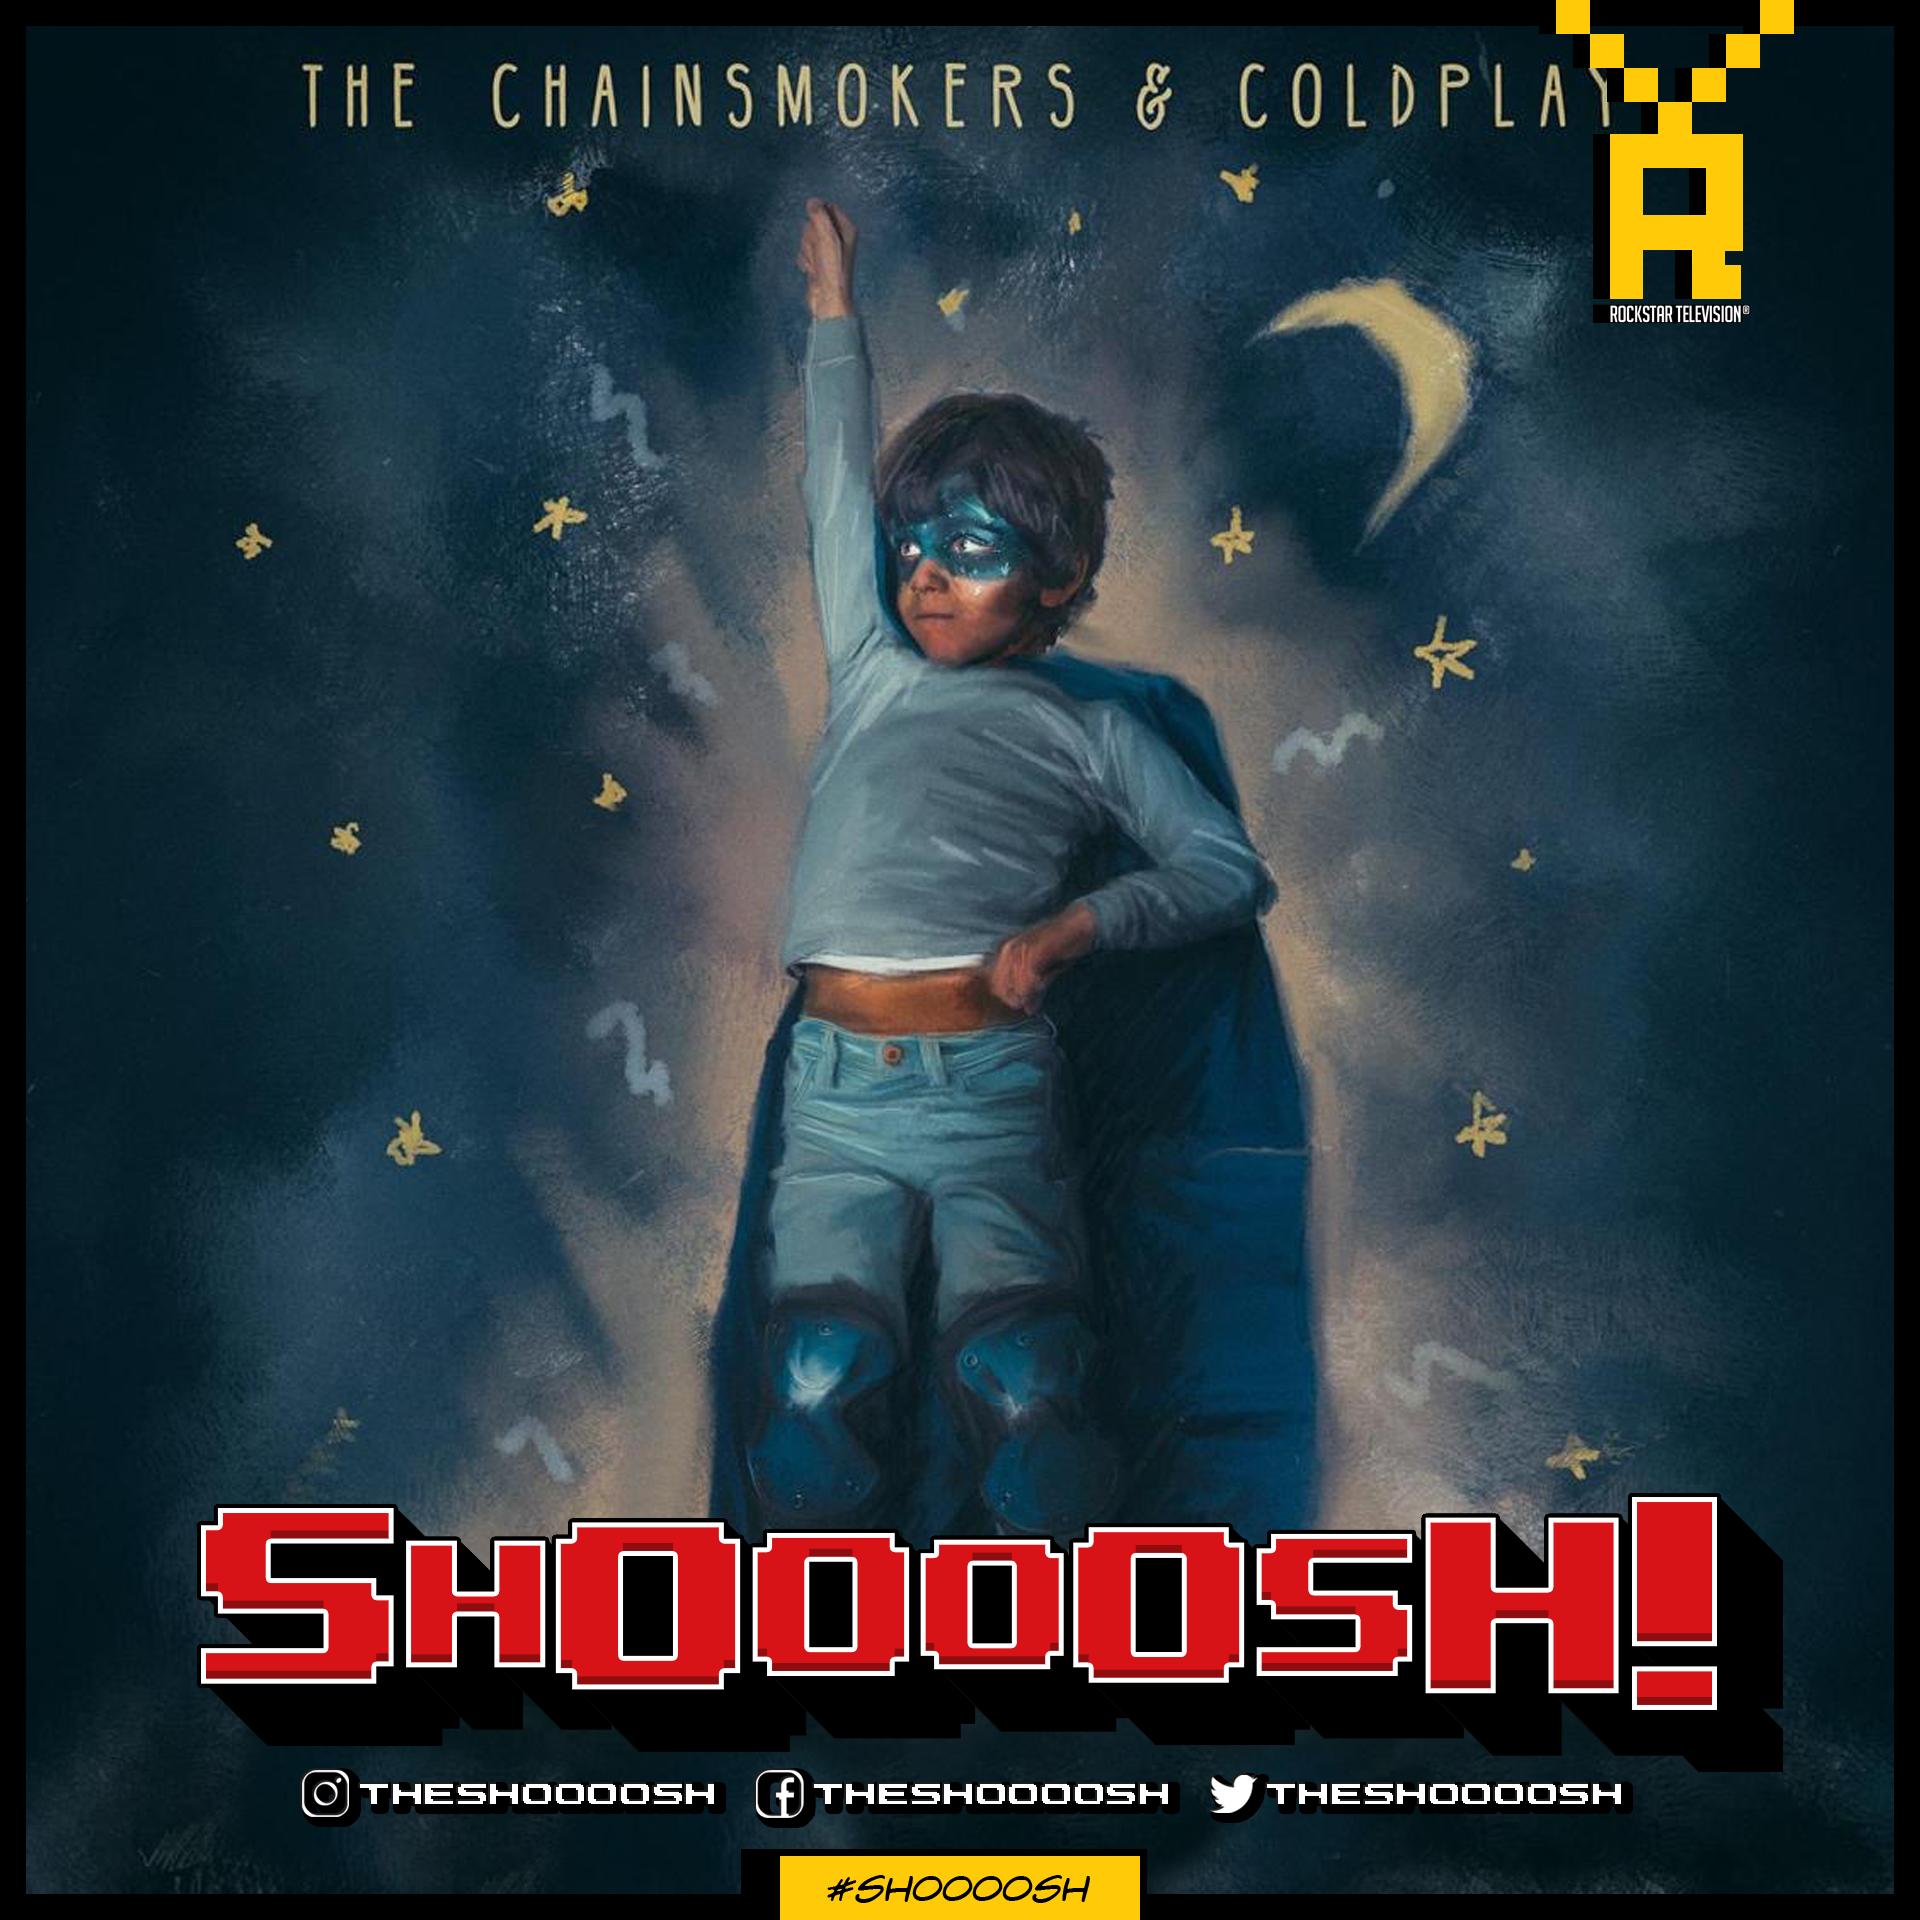 shoooosh-chainsmokers00001